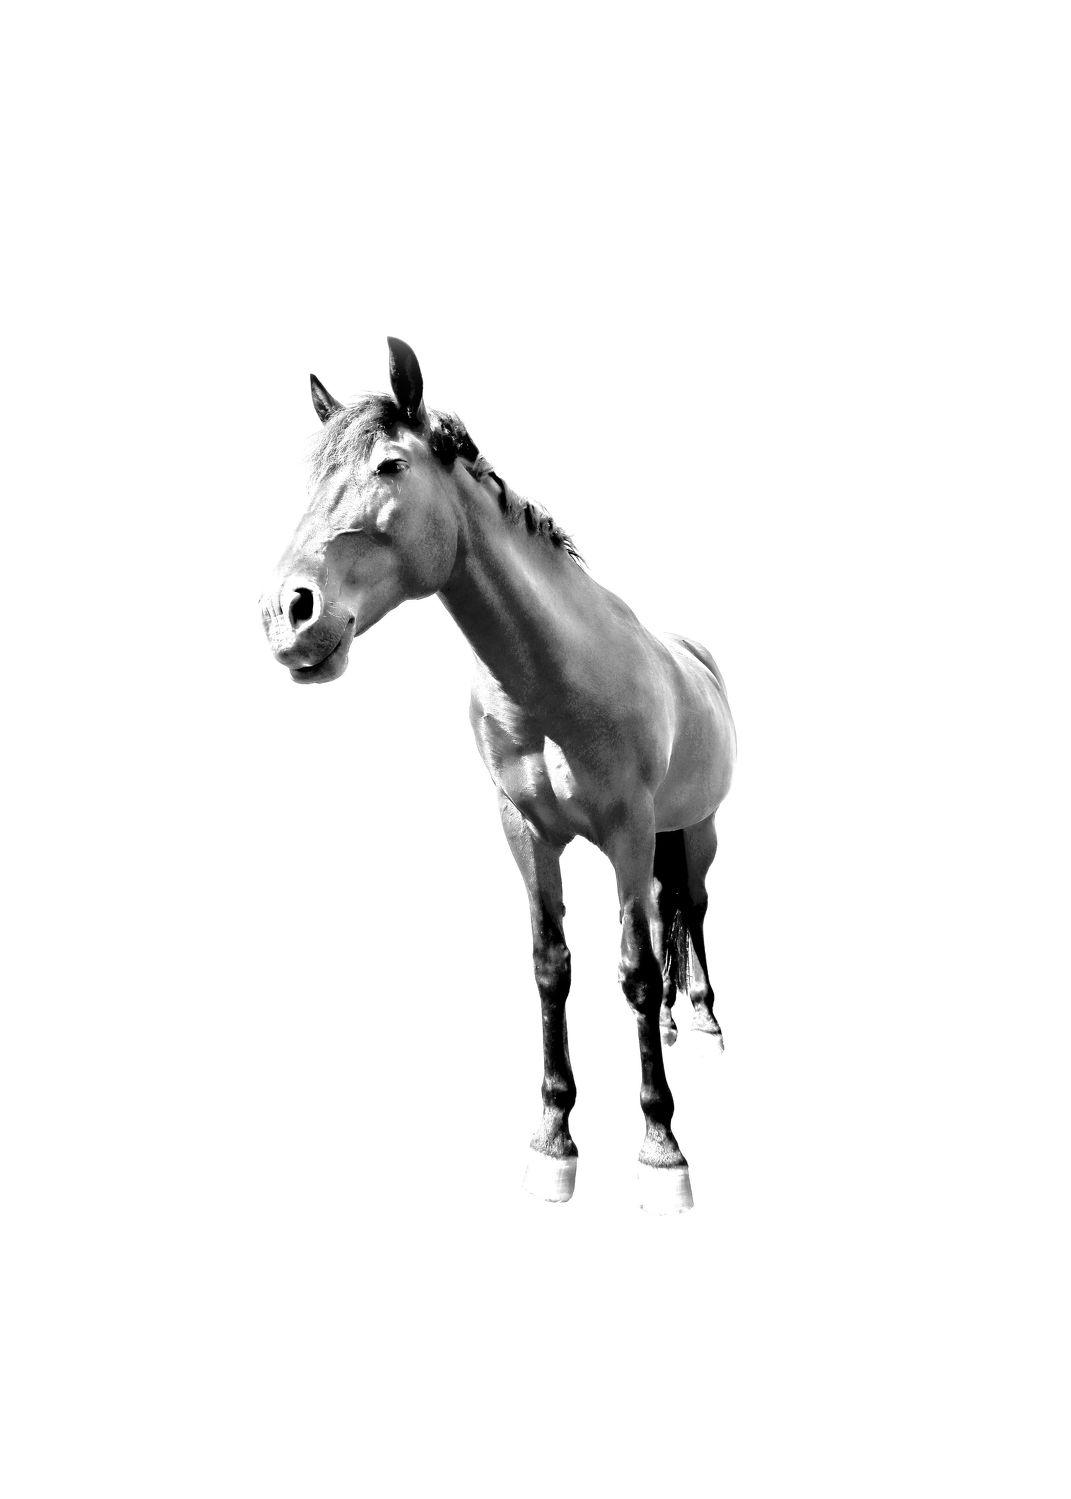 Bild mit Kunst, Tiere, Tiere, Pferde, Pferde, Tier, Tier, Kinderbild, Kinderbilder, Pferd, Pferd, Black and White, schwarz weiß, reiten, SW, Minimalismus, minimal art, Horse, Pferdeliebe, pferdebilder, pferdebild, minimalart